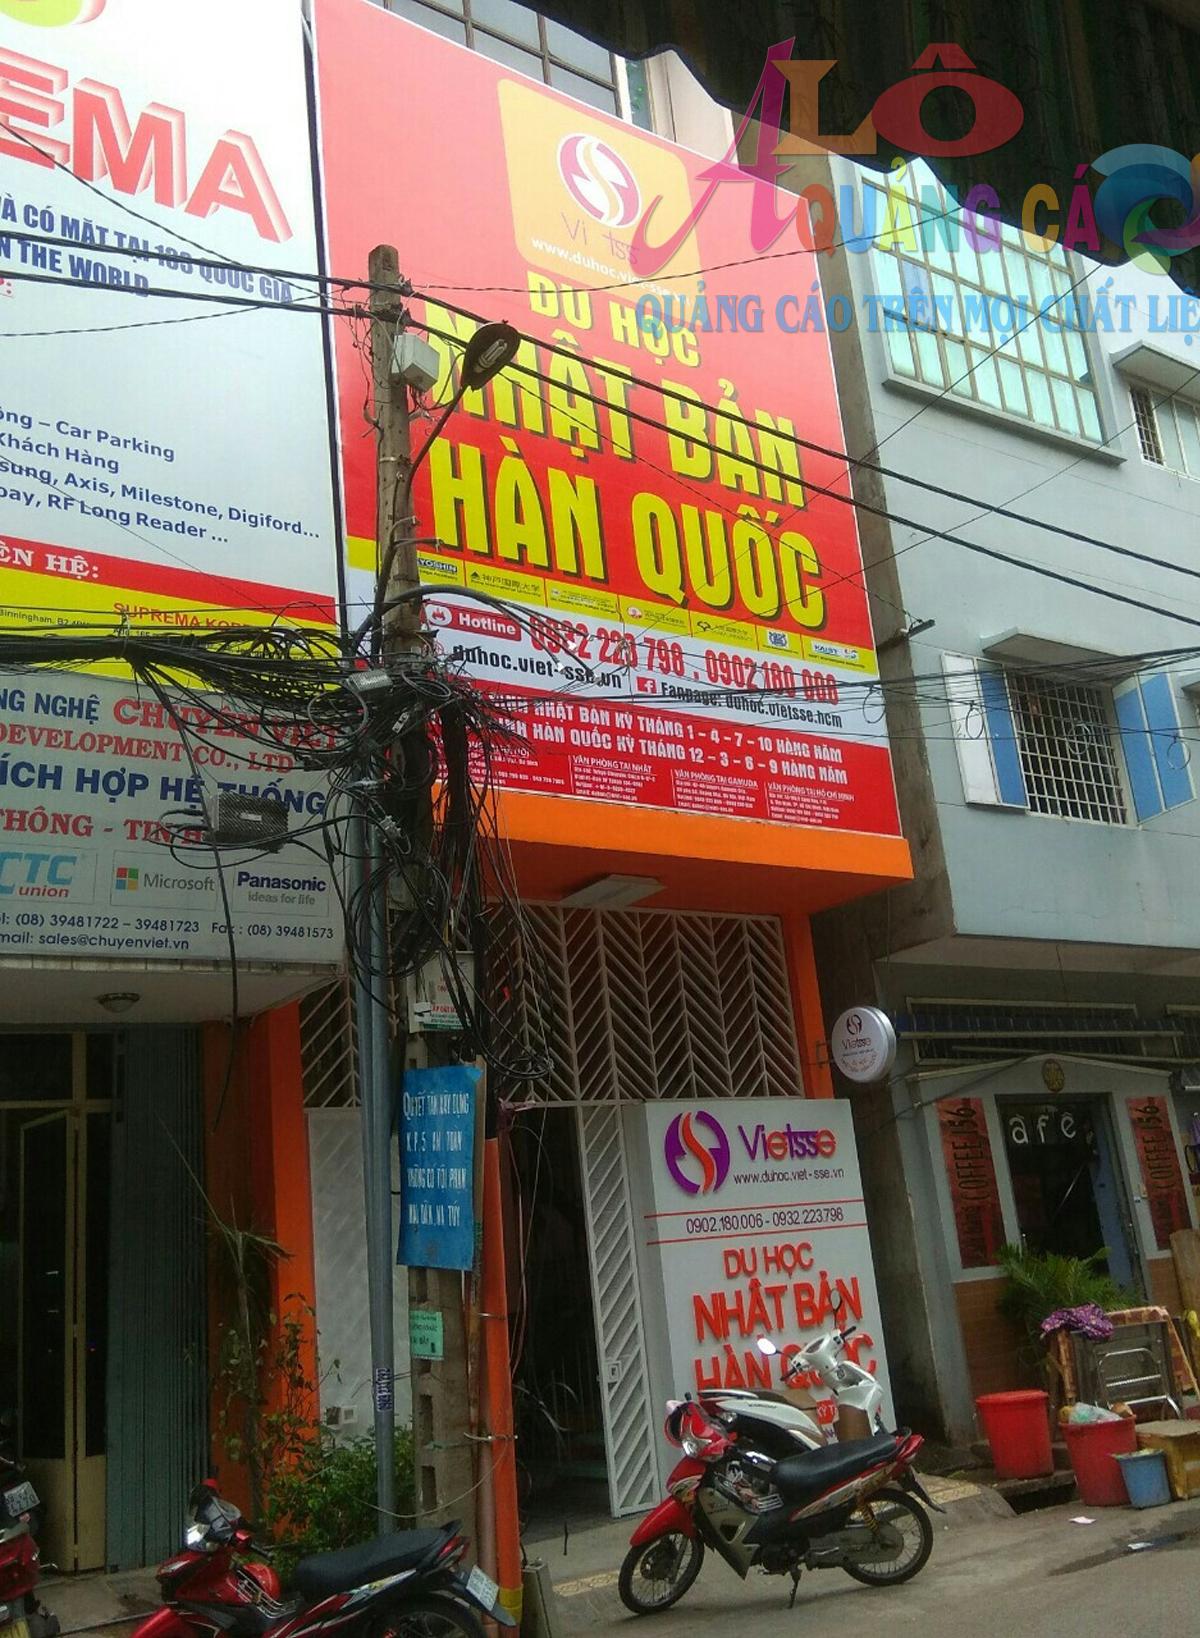 Bảng hiệu alu chữ nổi mica hộp đèn hút nổi Viet SSE Tân Bình